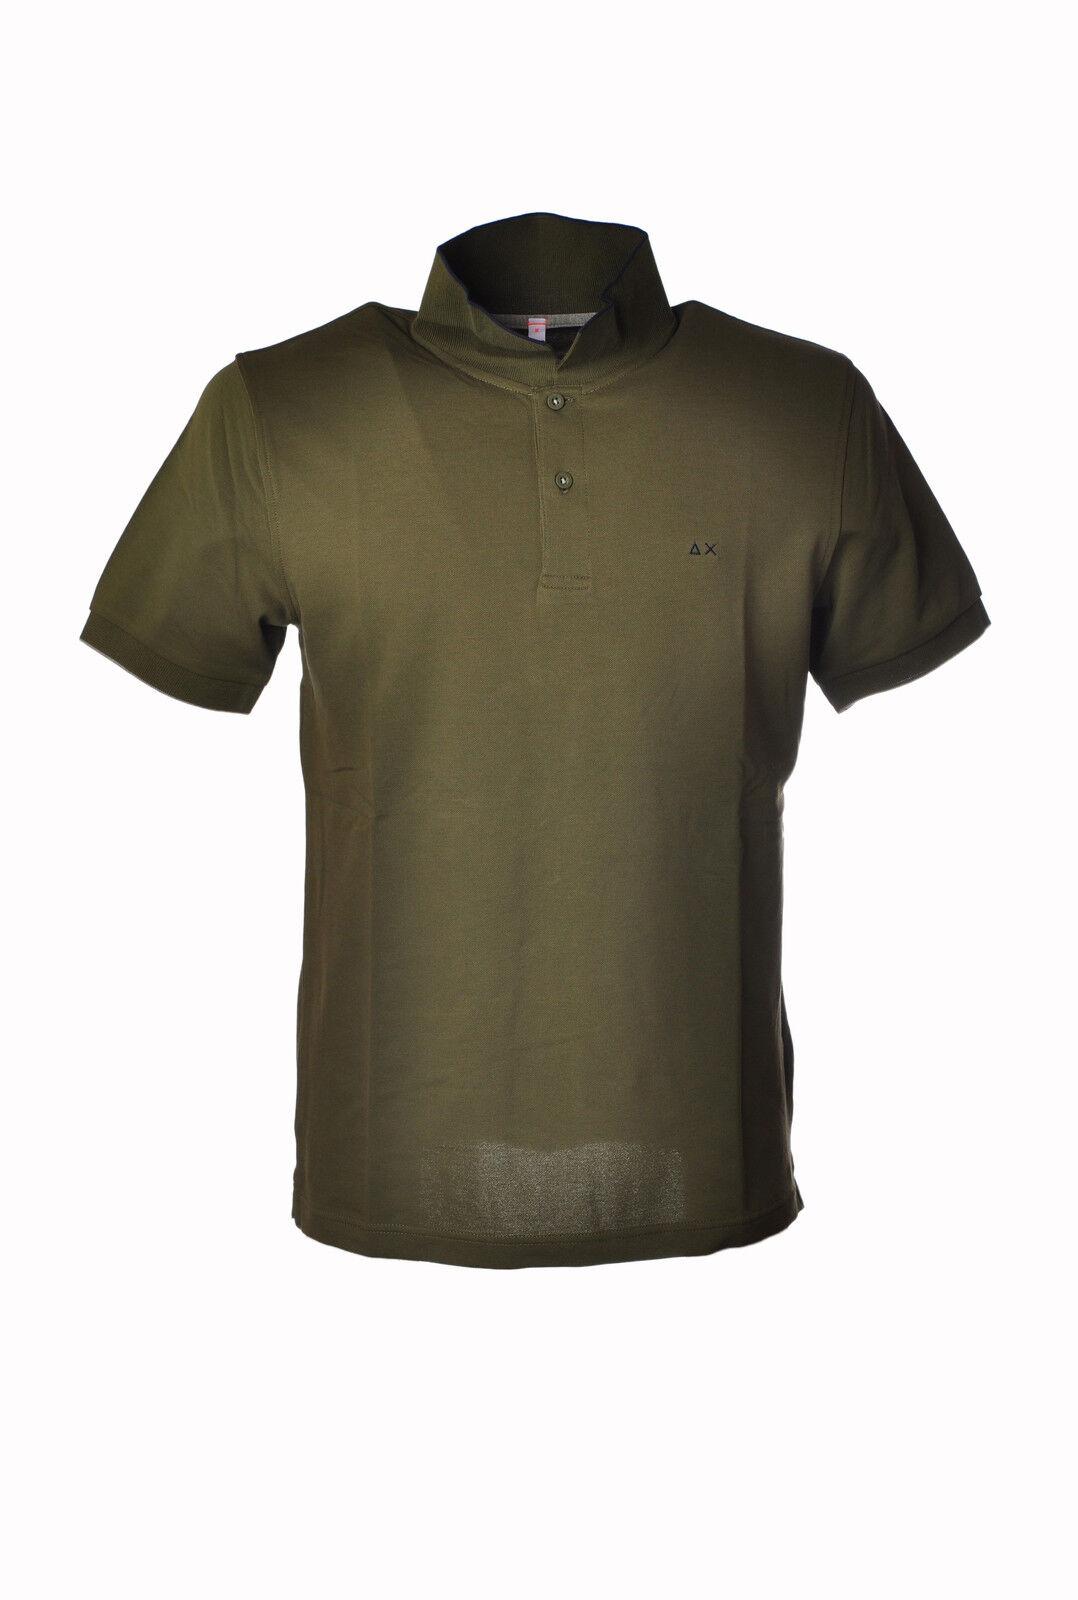 Sun 68 - Topwear-Polo - Man - Grün - 3206113F183857